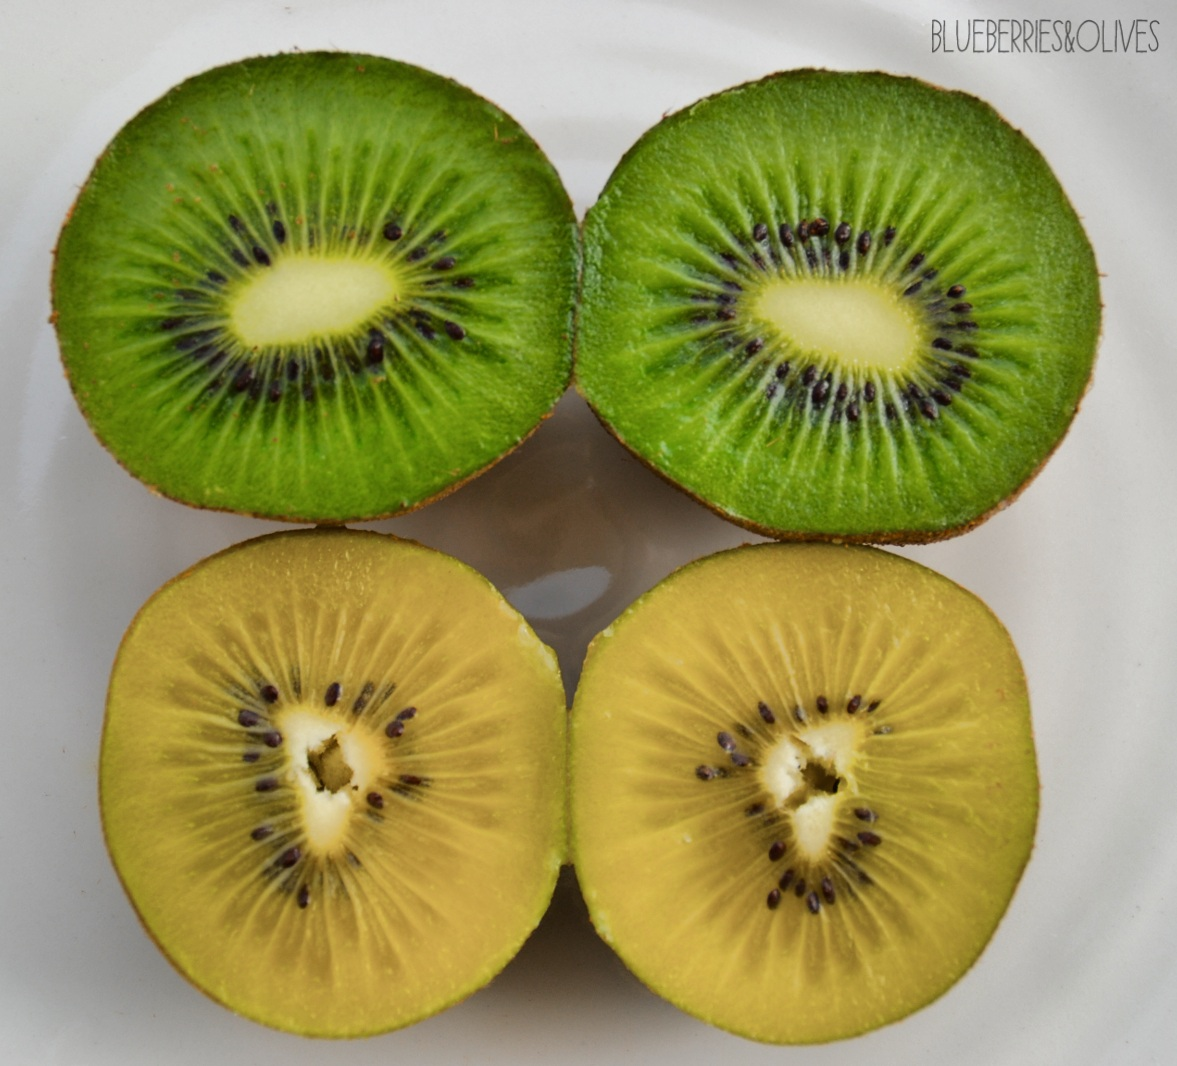 Kiwis - Smoorhies de kiwi con piruletas 2